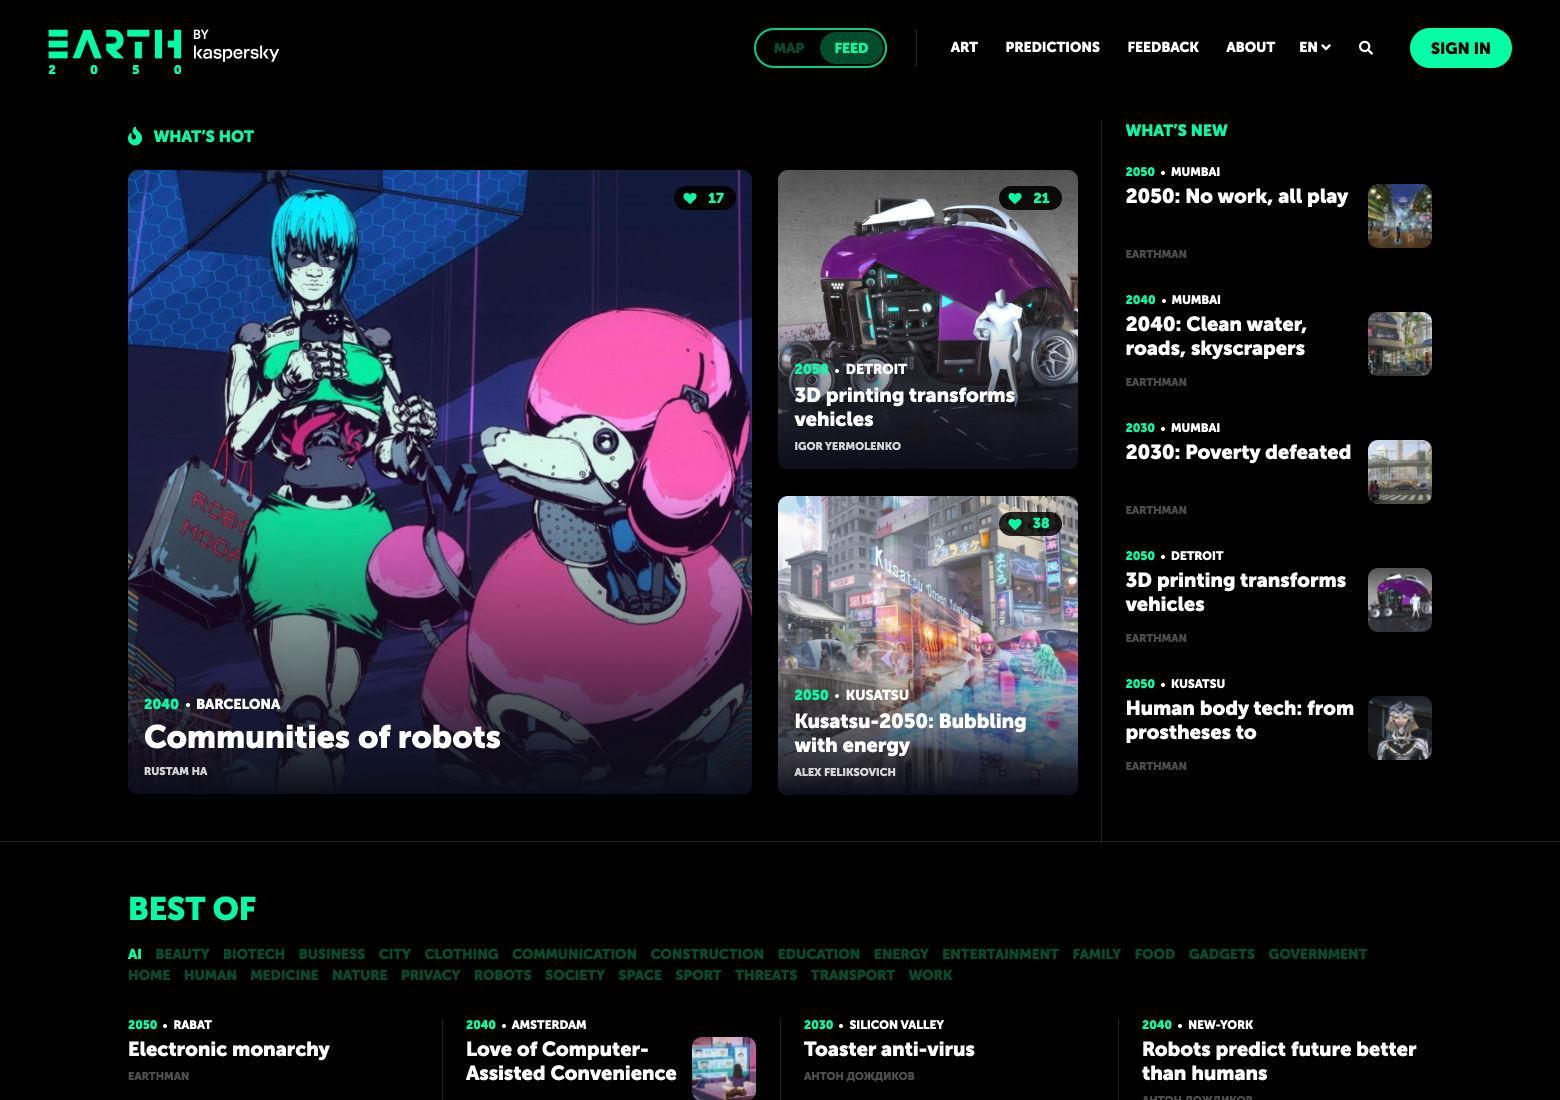 Magazine-style web layout